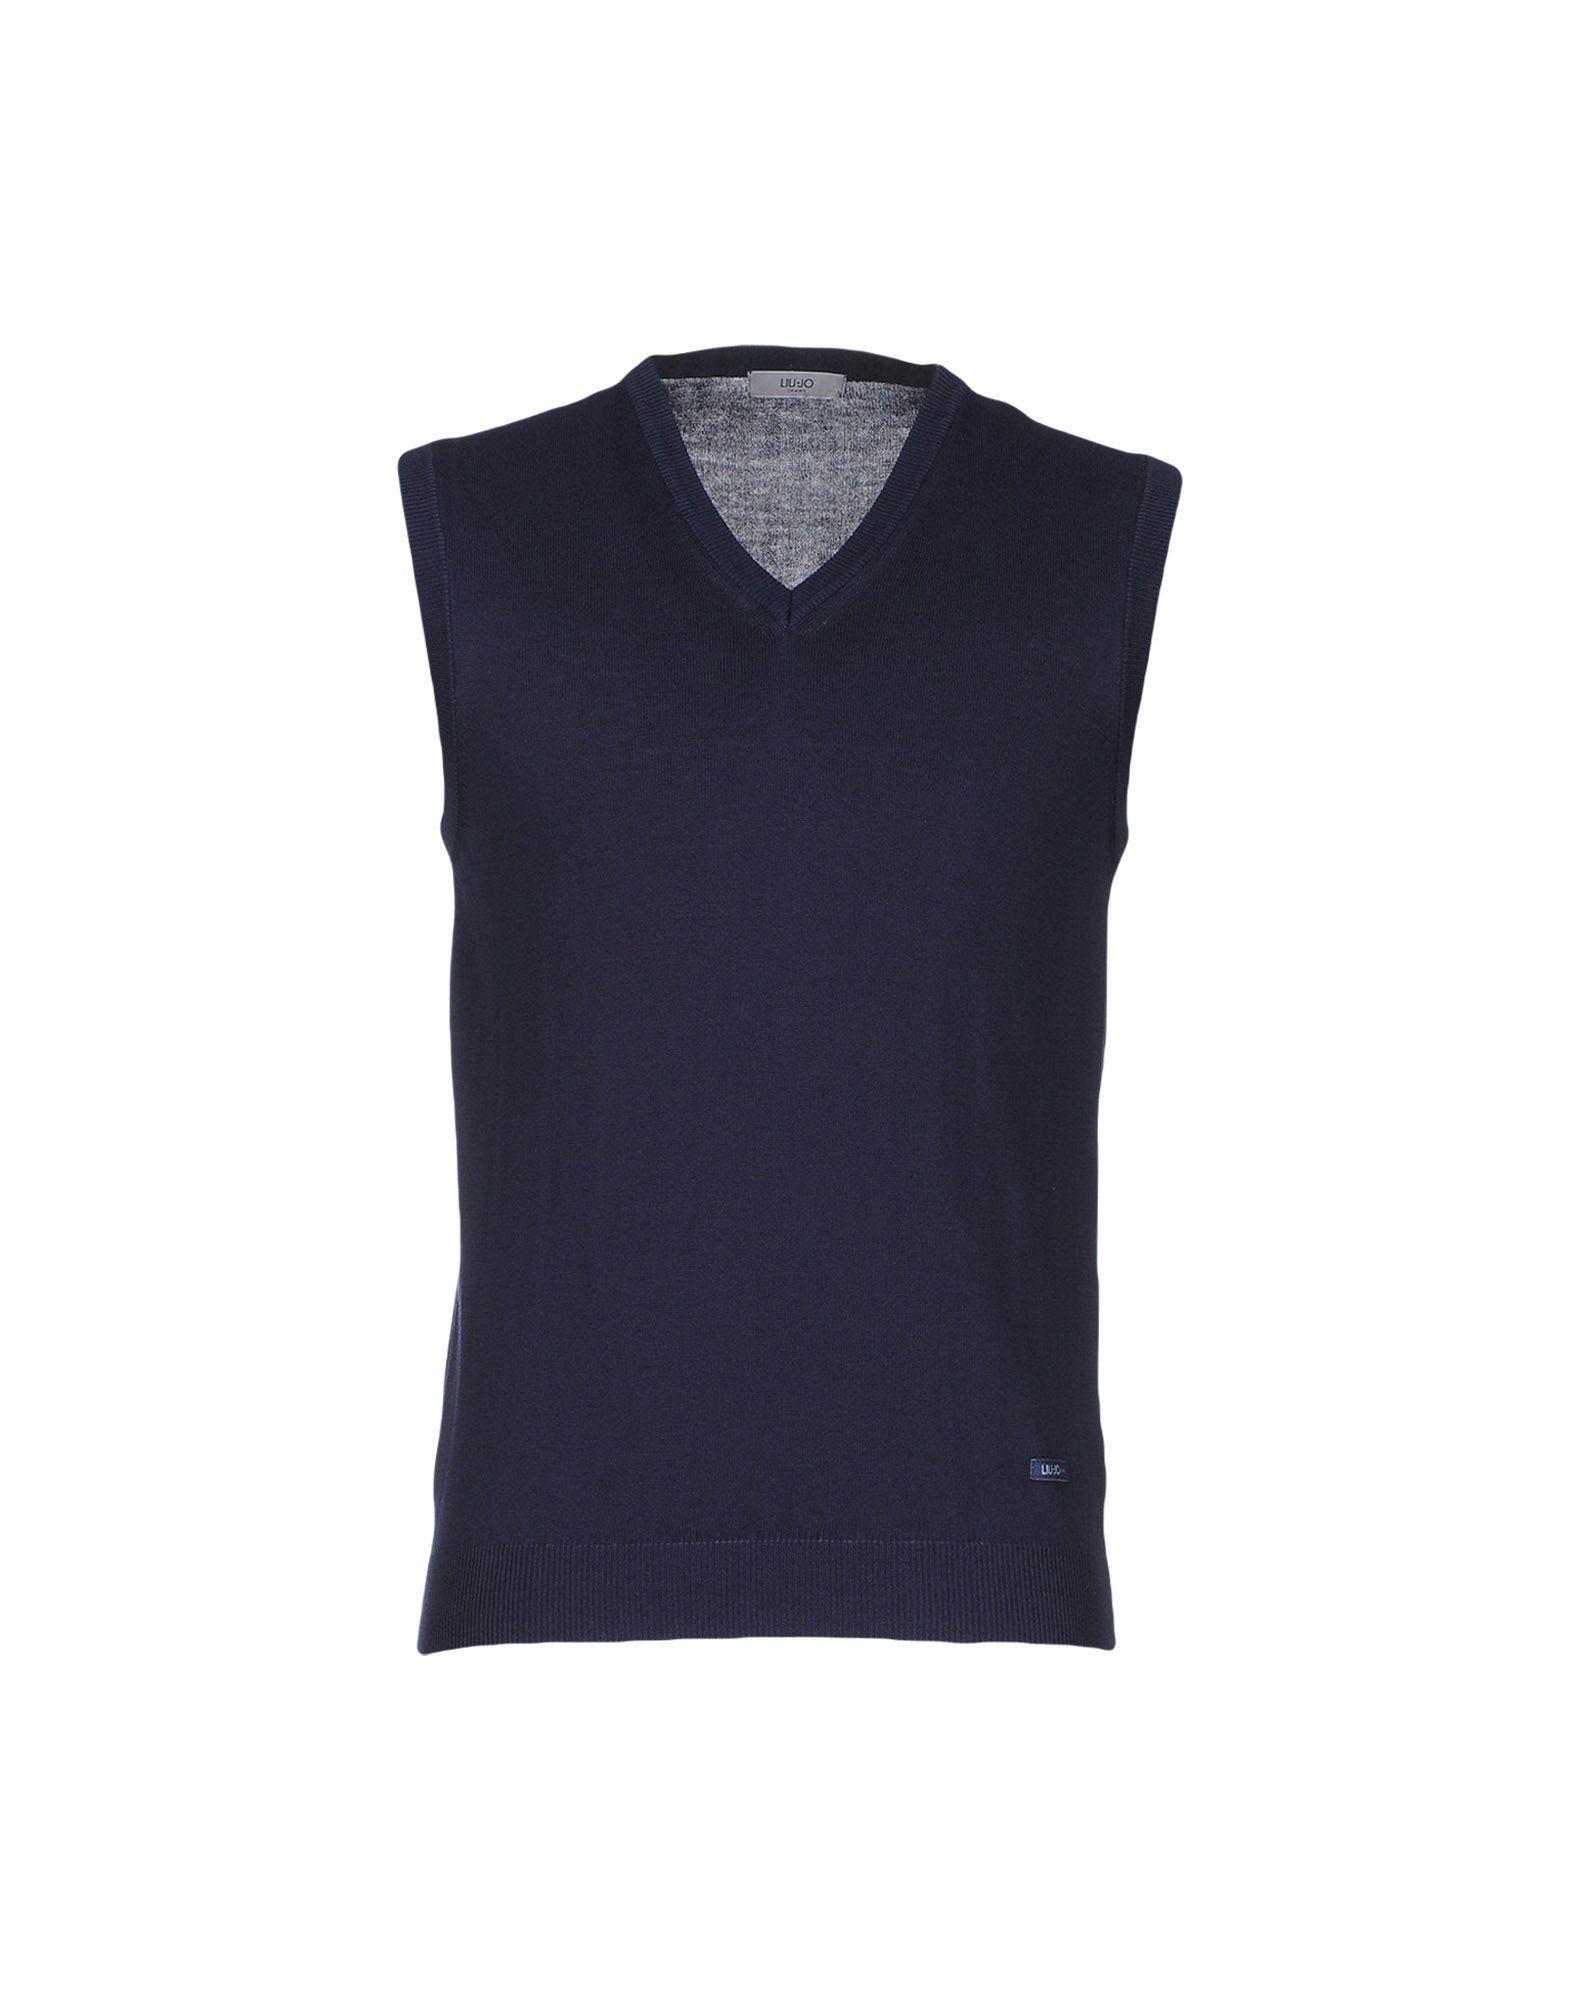 Liu •jo Sleeveless Sweater In Pink